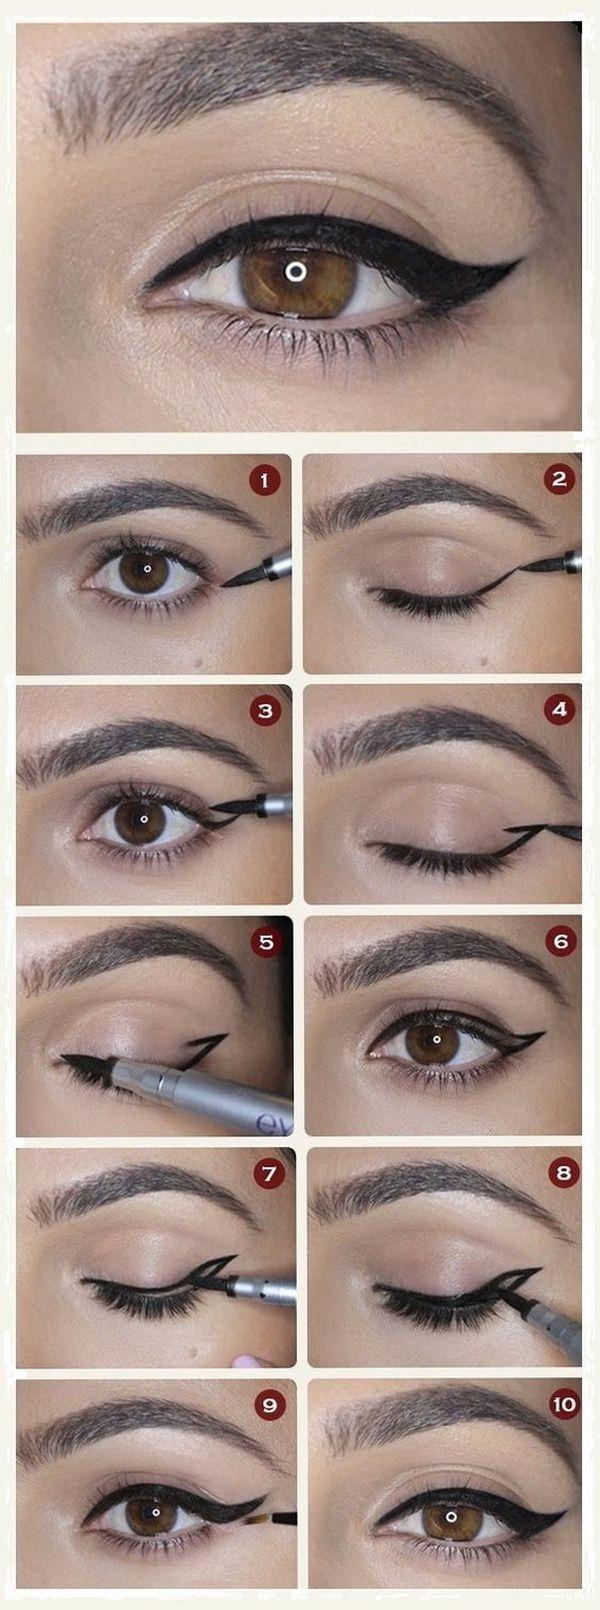 Как правильно и ровно рисовать стрелки на глазах: пошаговое 73